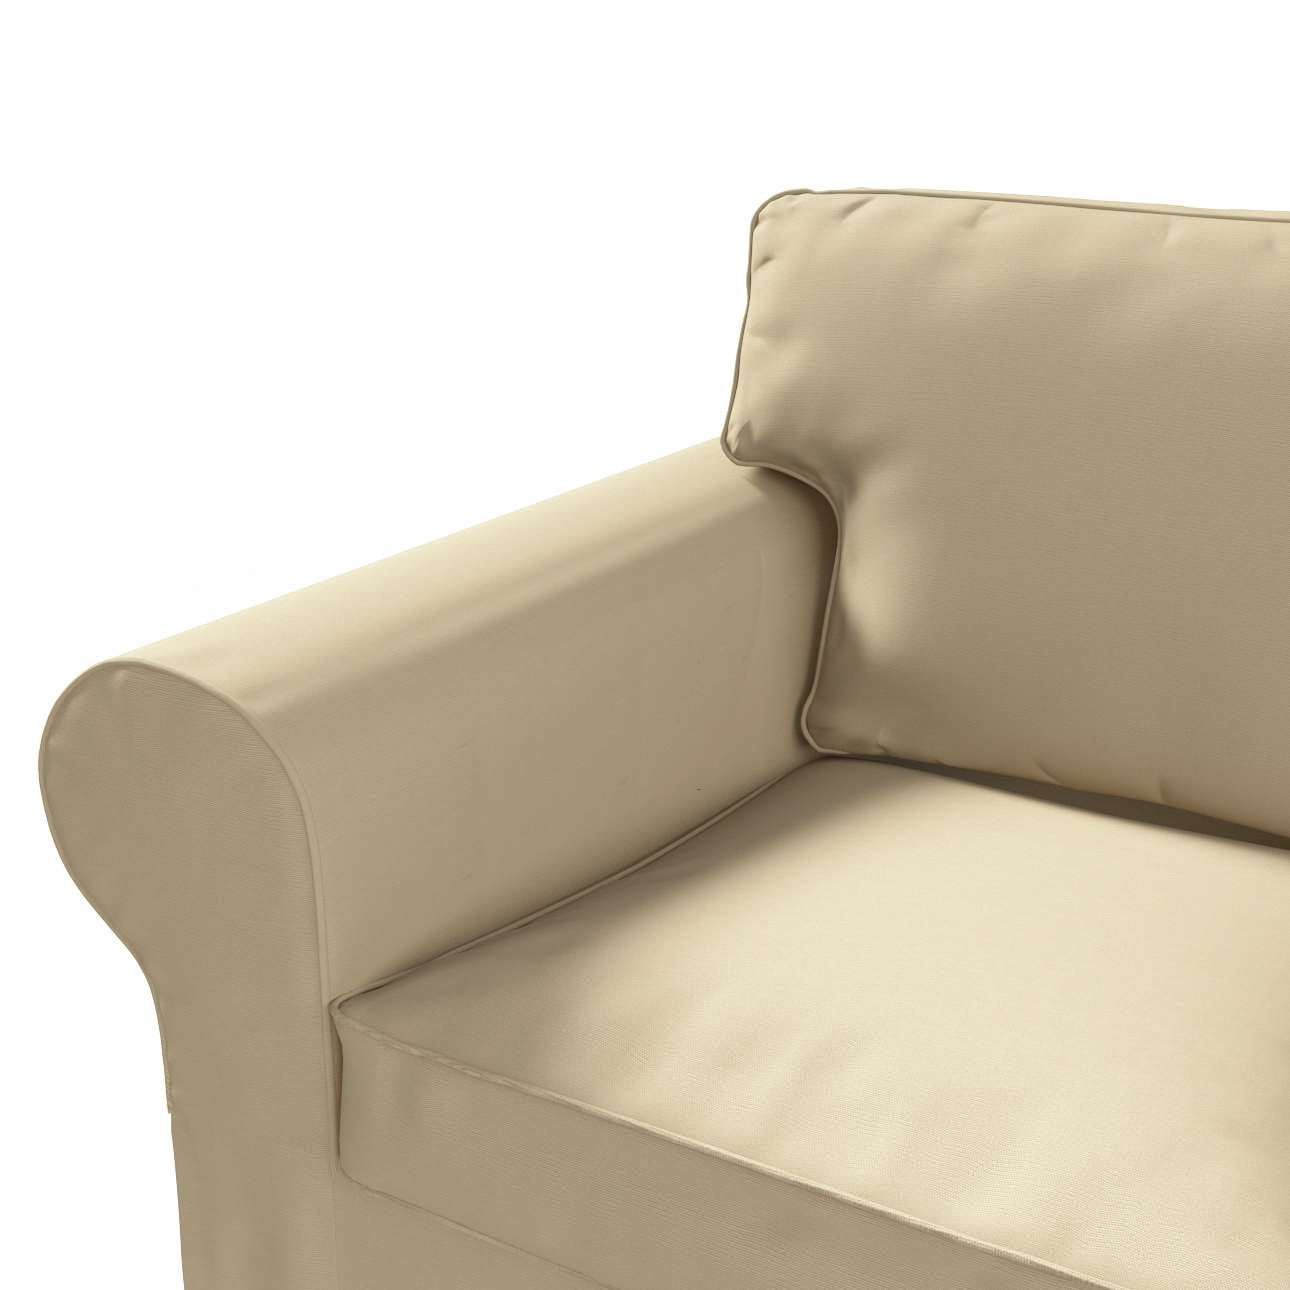 Ektorp 2-Sitzer Schlafsofabezug  NEUES Modell  Sofabezug für  Ektorp 2-Sitzer ausklappbar, neues Modell von der Kollektion Cotton Panama, Stoff: 702-01